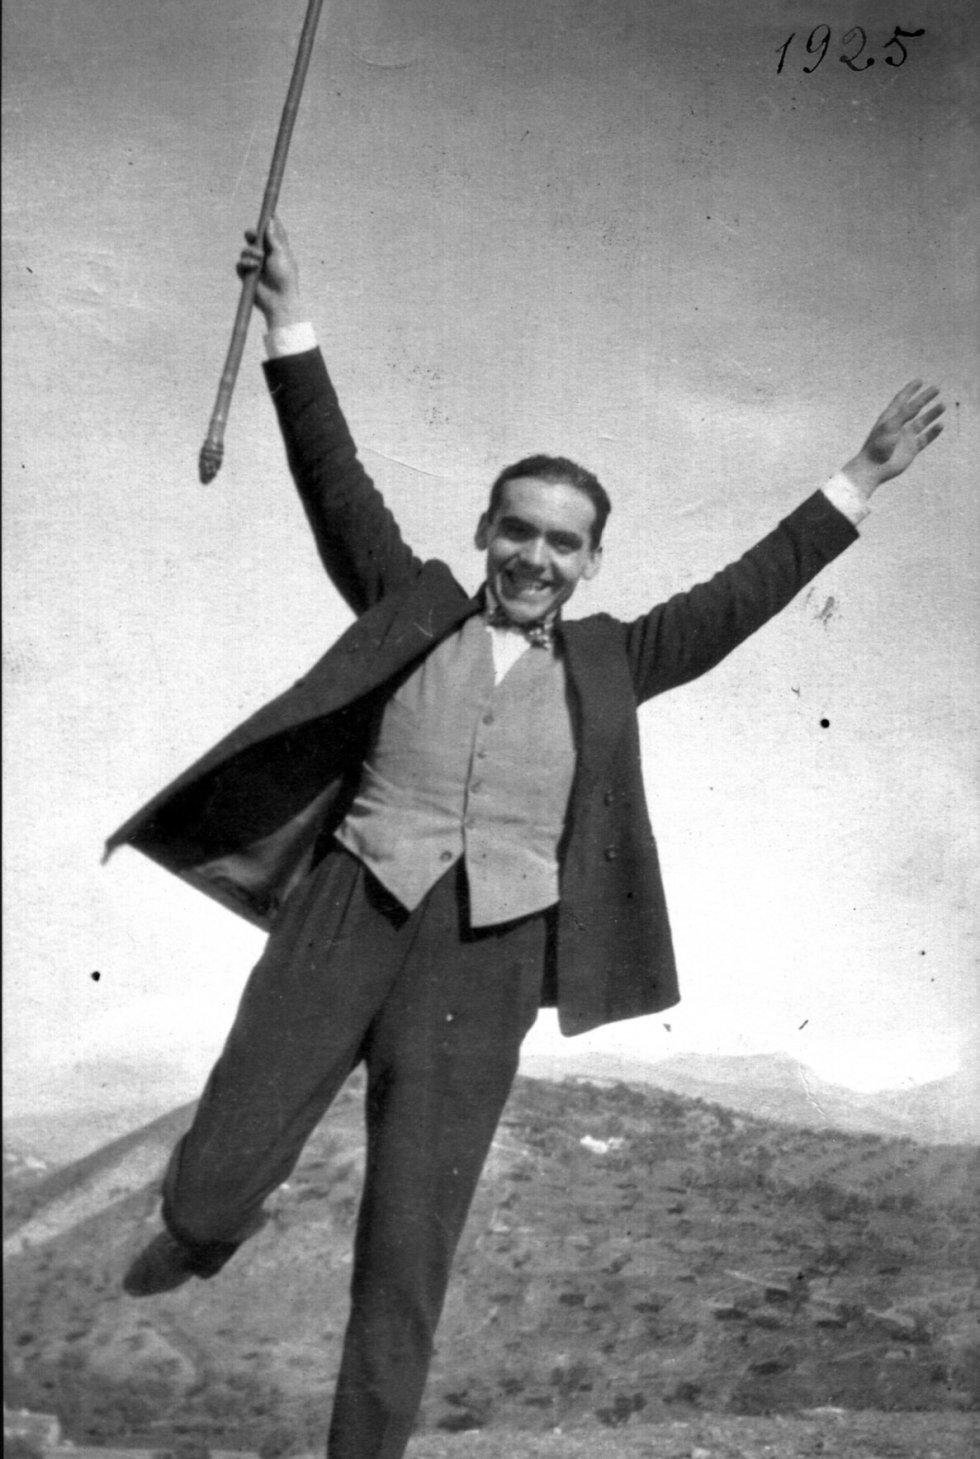 """Luis Buñuel tomó esta fotografía en 1925. El director de cine aseguraba que Lorca le había descubierto la poesía. Su relación, sin embargo, pasó por varios altibajos: """"El contraste no podía ser mayor, entre el aragonés tosco y el andaluz refinado -o quizás a causa de este mismo contraste-, casi siempre andábamos juntos"""", cuenta Buñuel en 'Mi último suspiro', su autobiografía."""